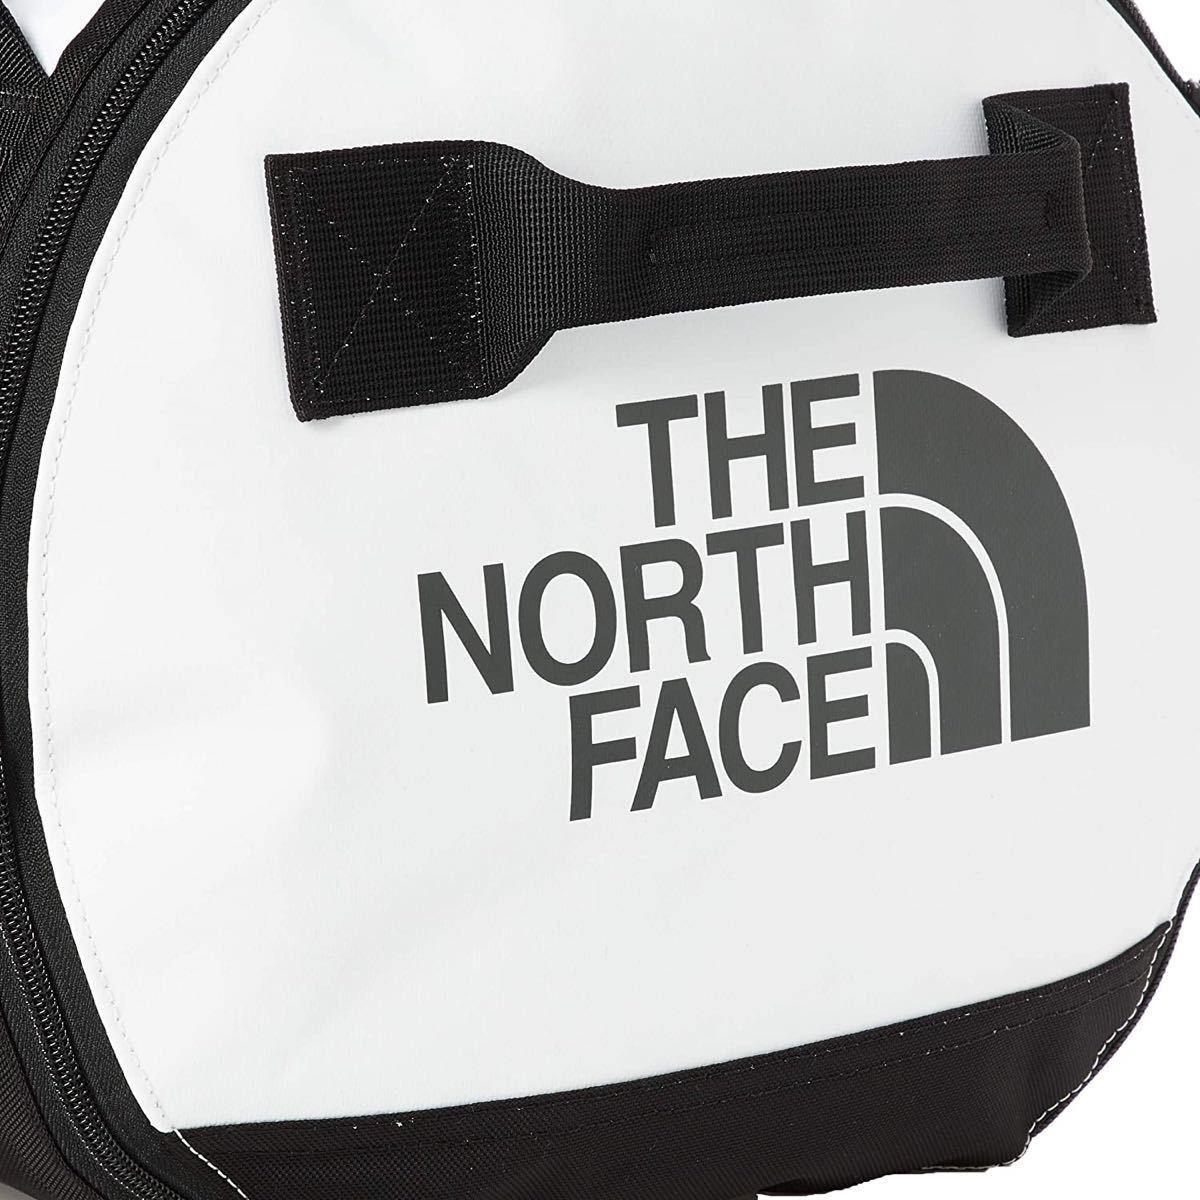 THE NORTH FACE ザノースフェイス リュック BCステーション 白